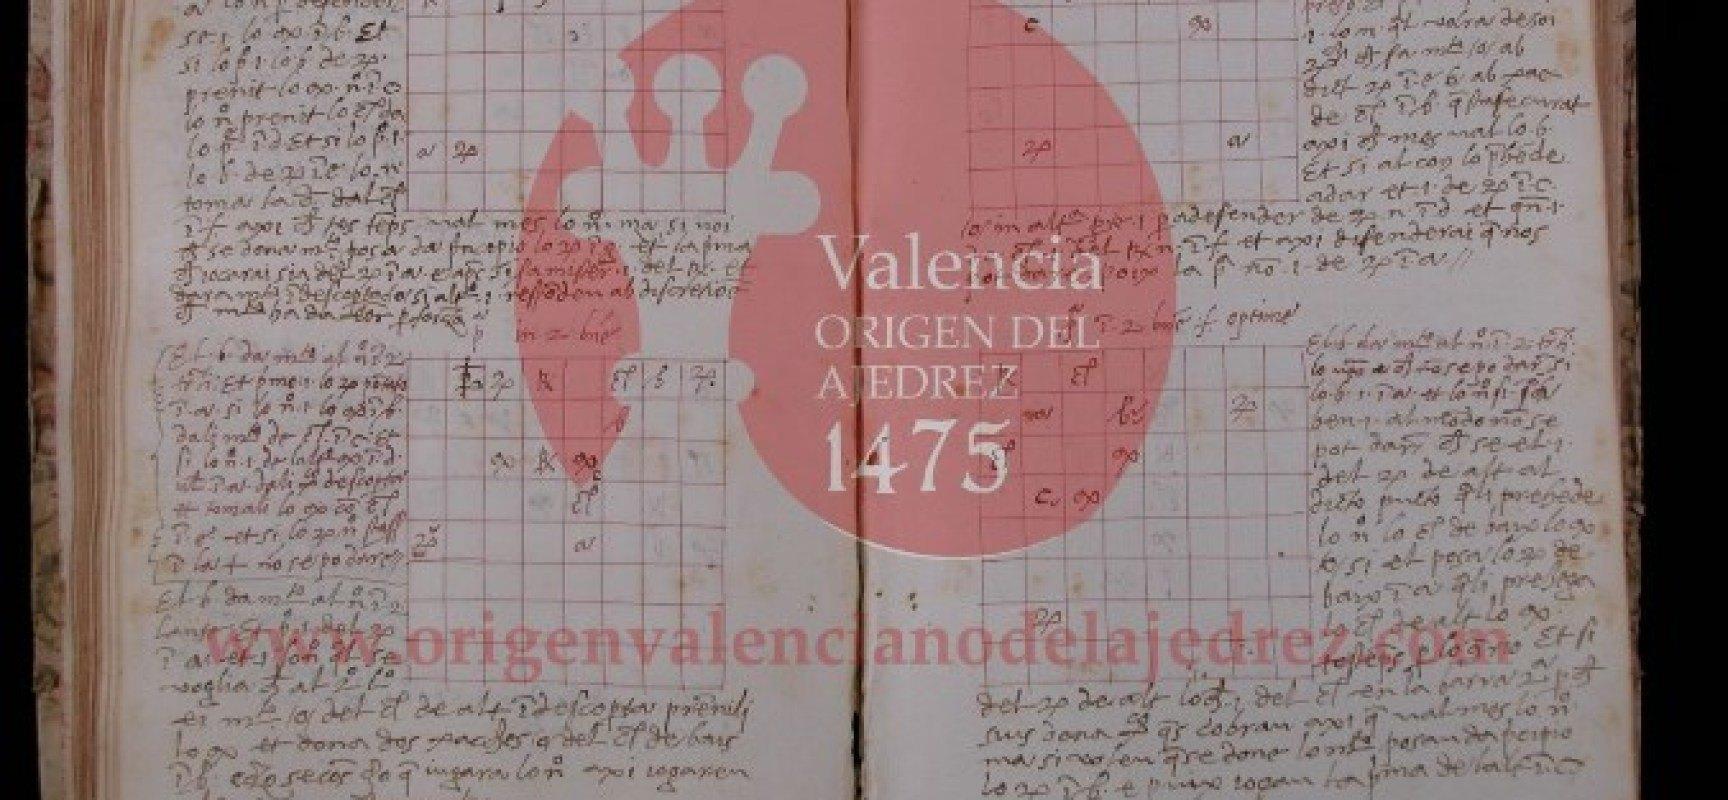 Película documental «La dama del ajedrez» y el origen valenciano del ajedrez moderno